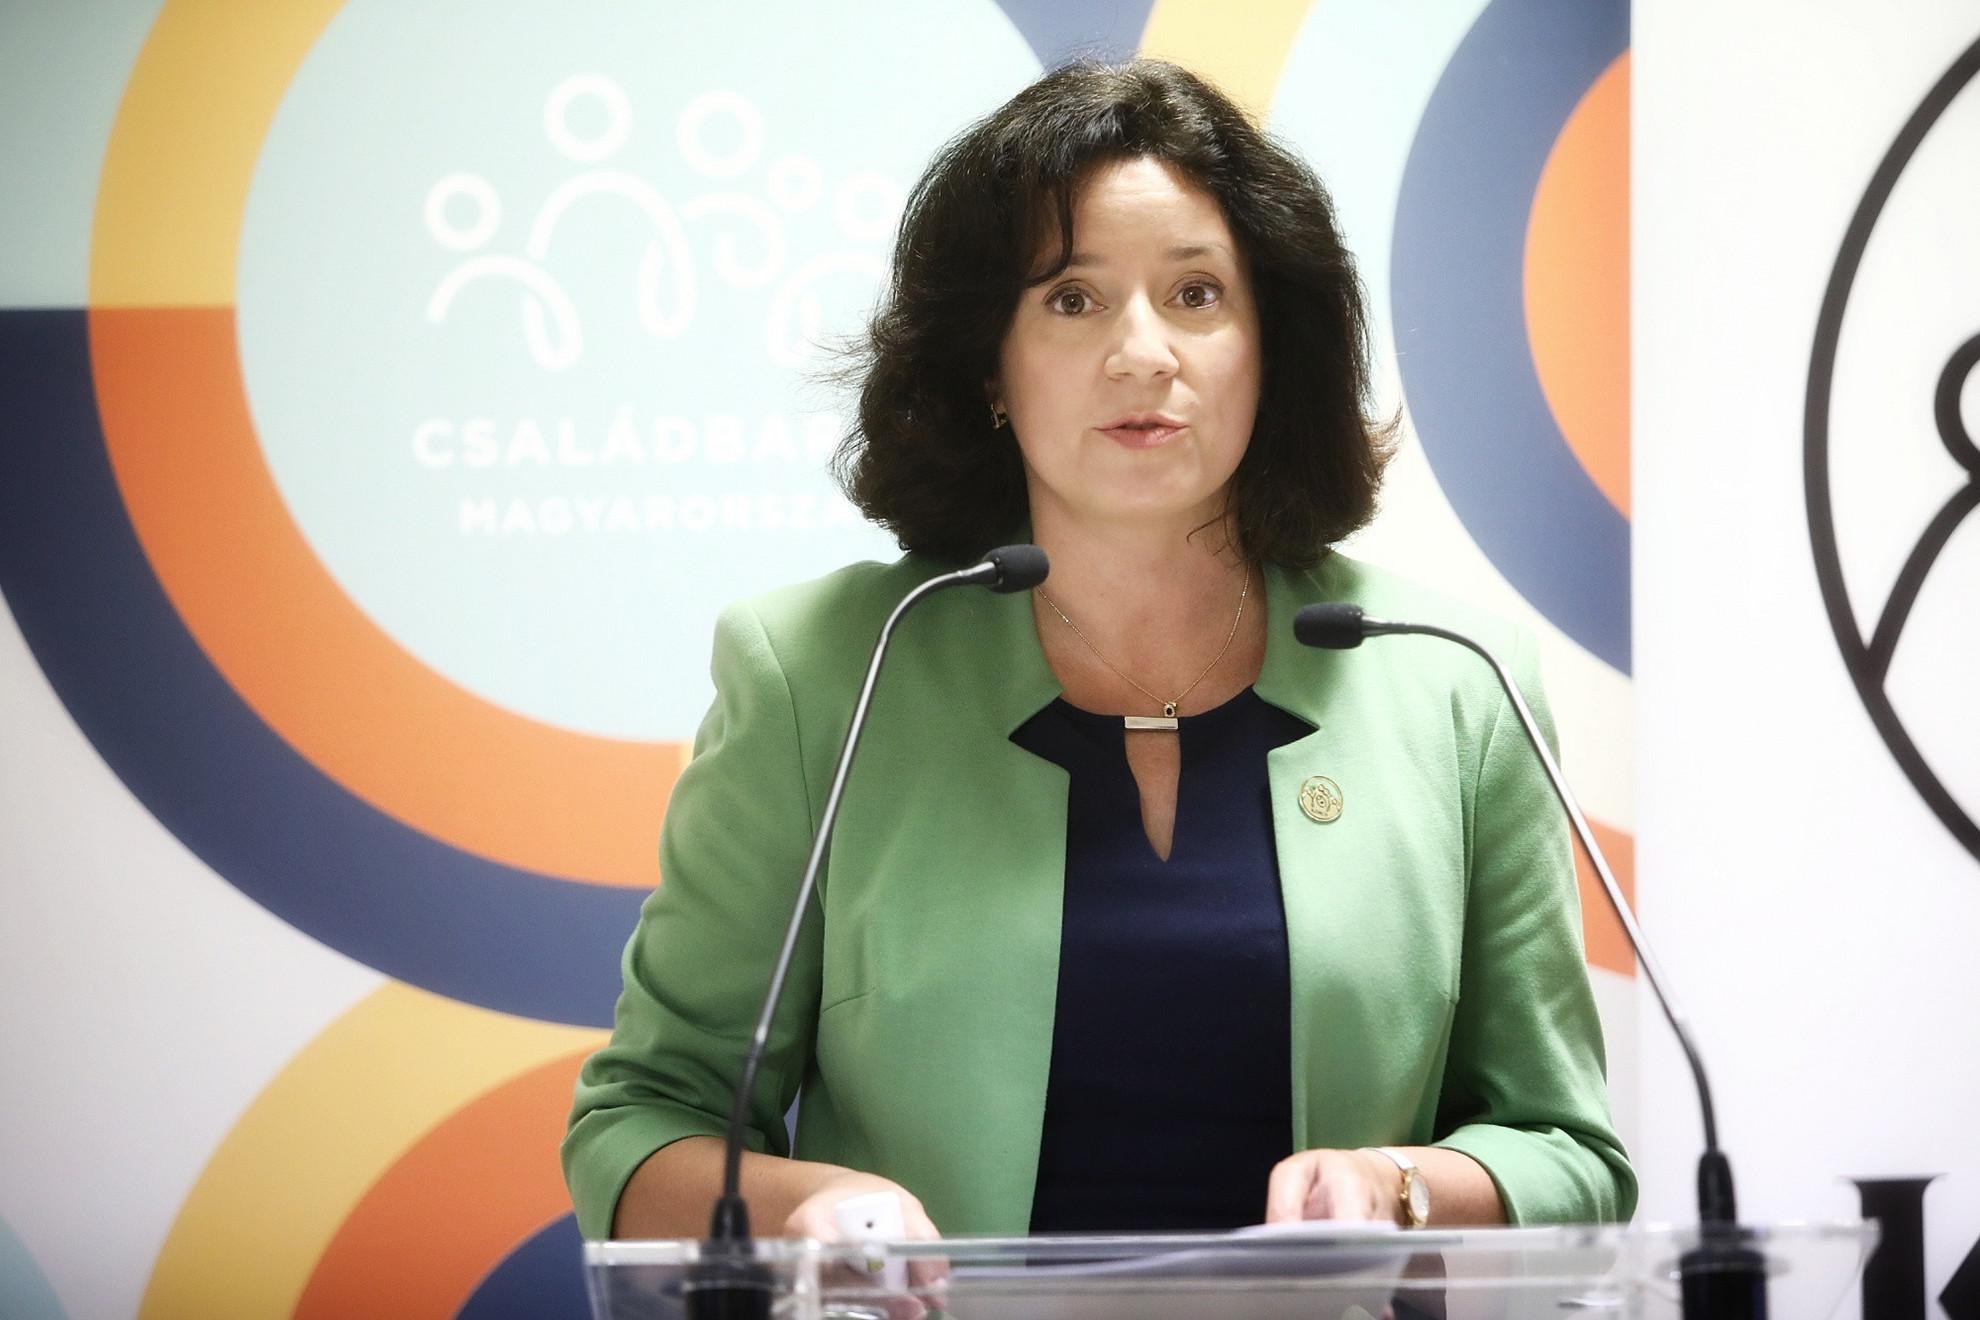 Fűrész Tünde, a Kopp Mária Intézet a Népesedésért és a Családokért (KINCS) elnöke